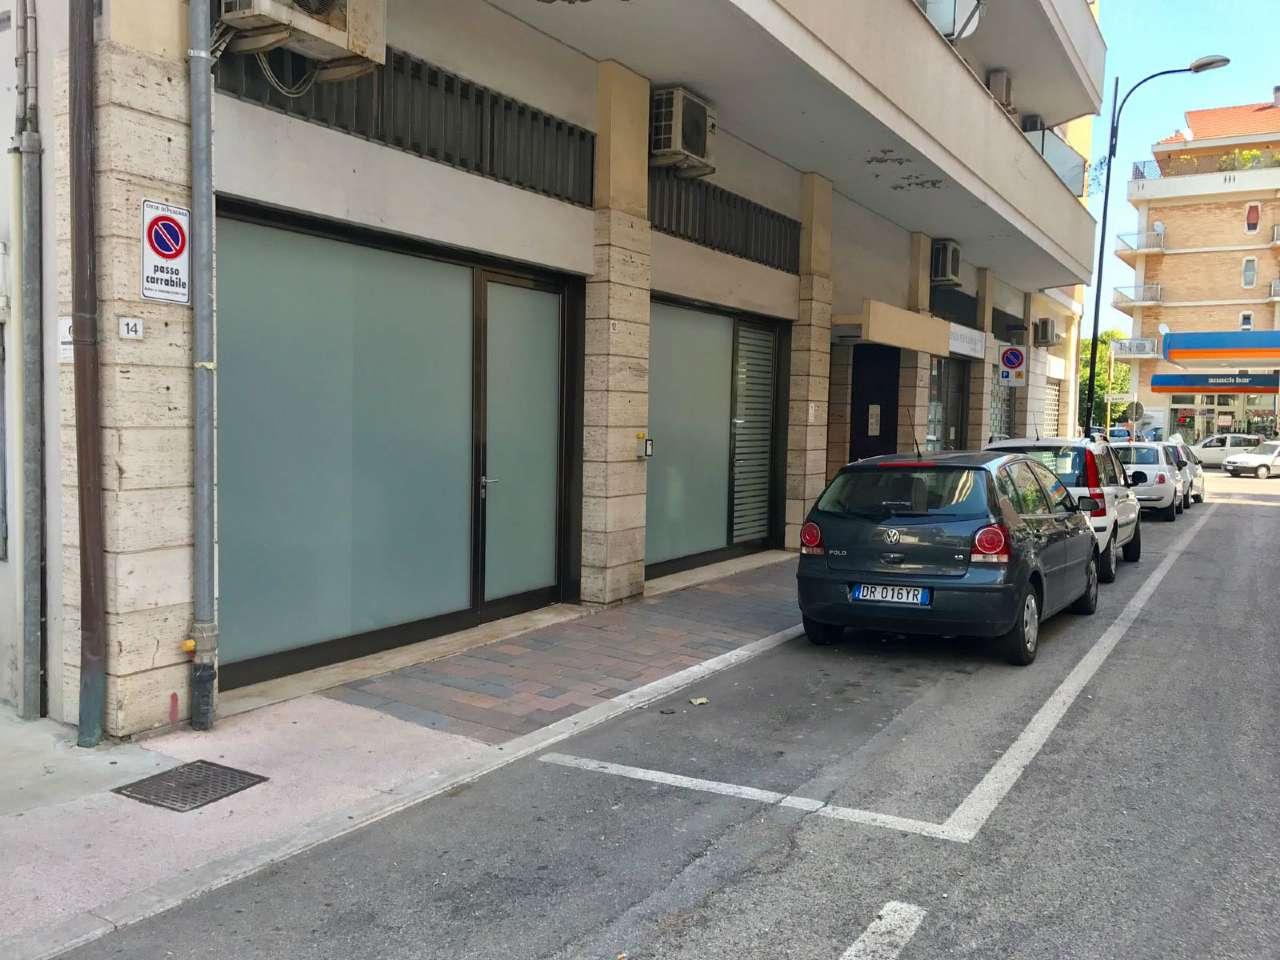 Negozio / Locale in affitto a Pescara, 3 locali, prezzo € 700 | CambioCasa.it